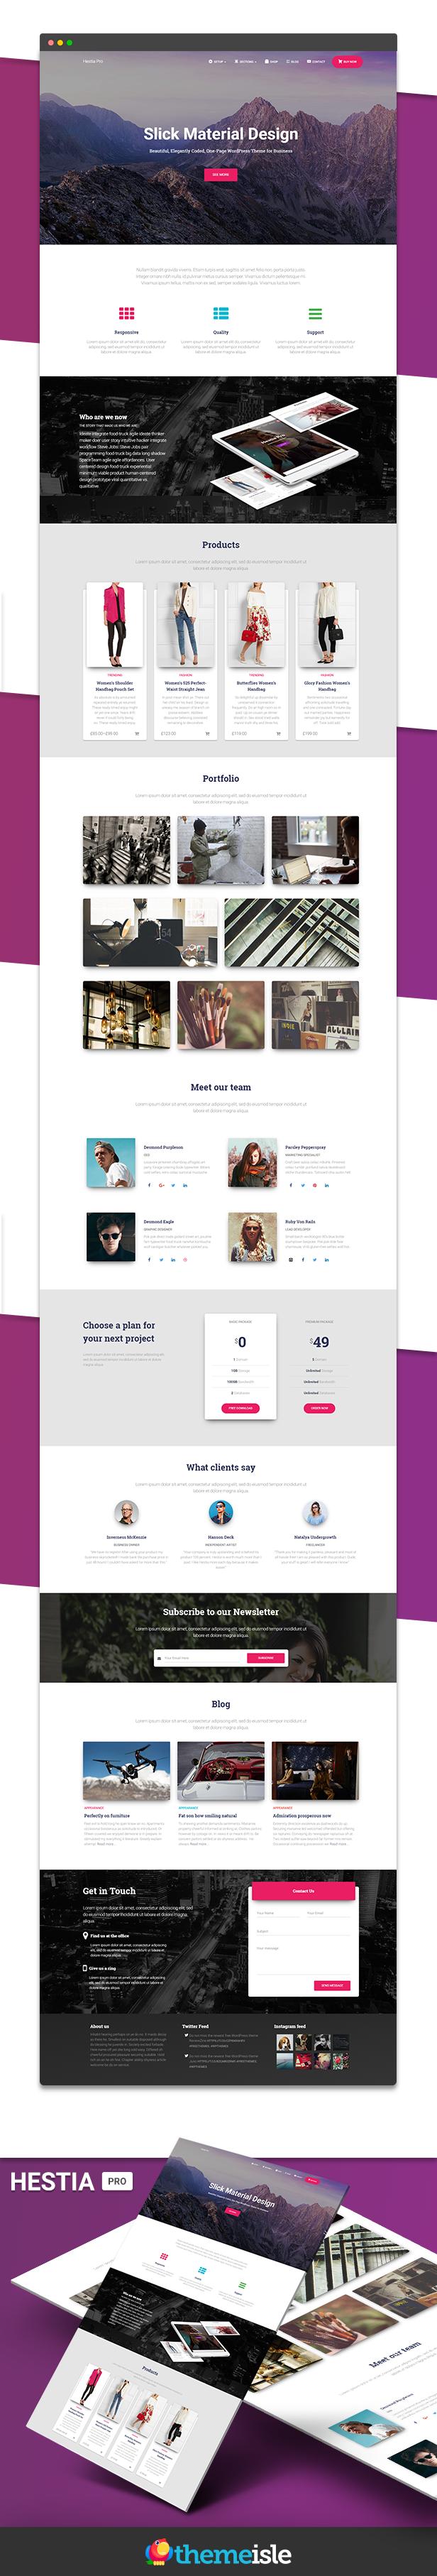 Hestia Pro - Tema de Design de Material Afiado para Startups - 8